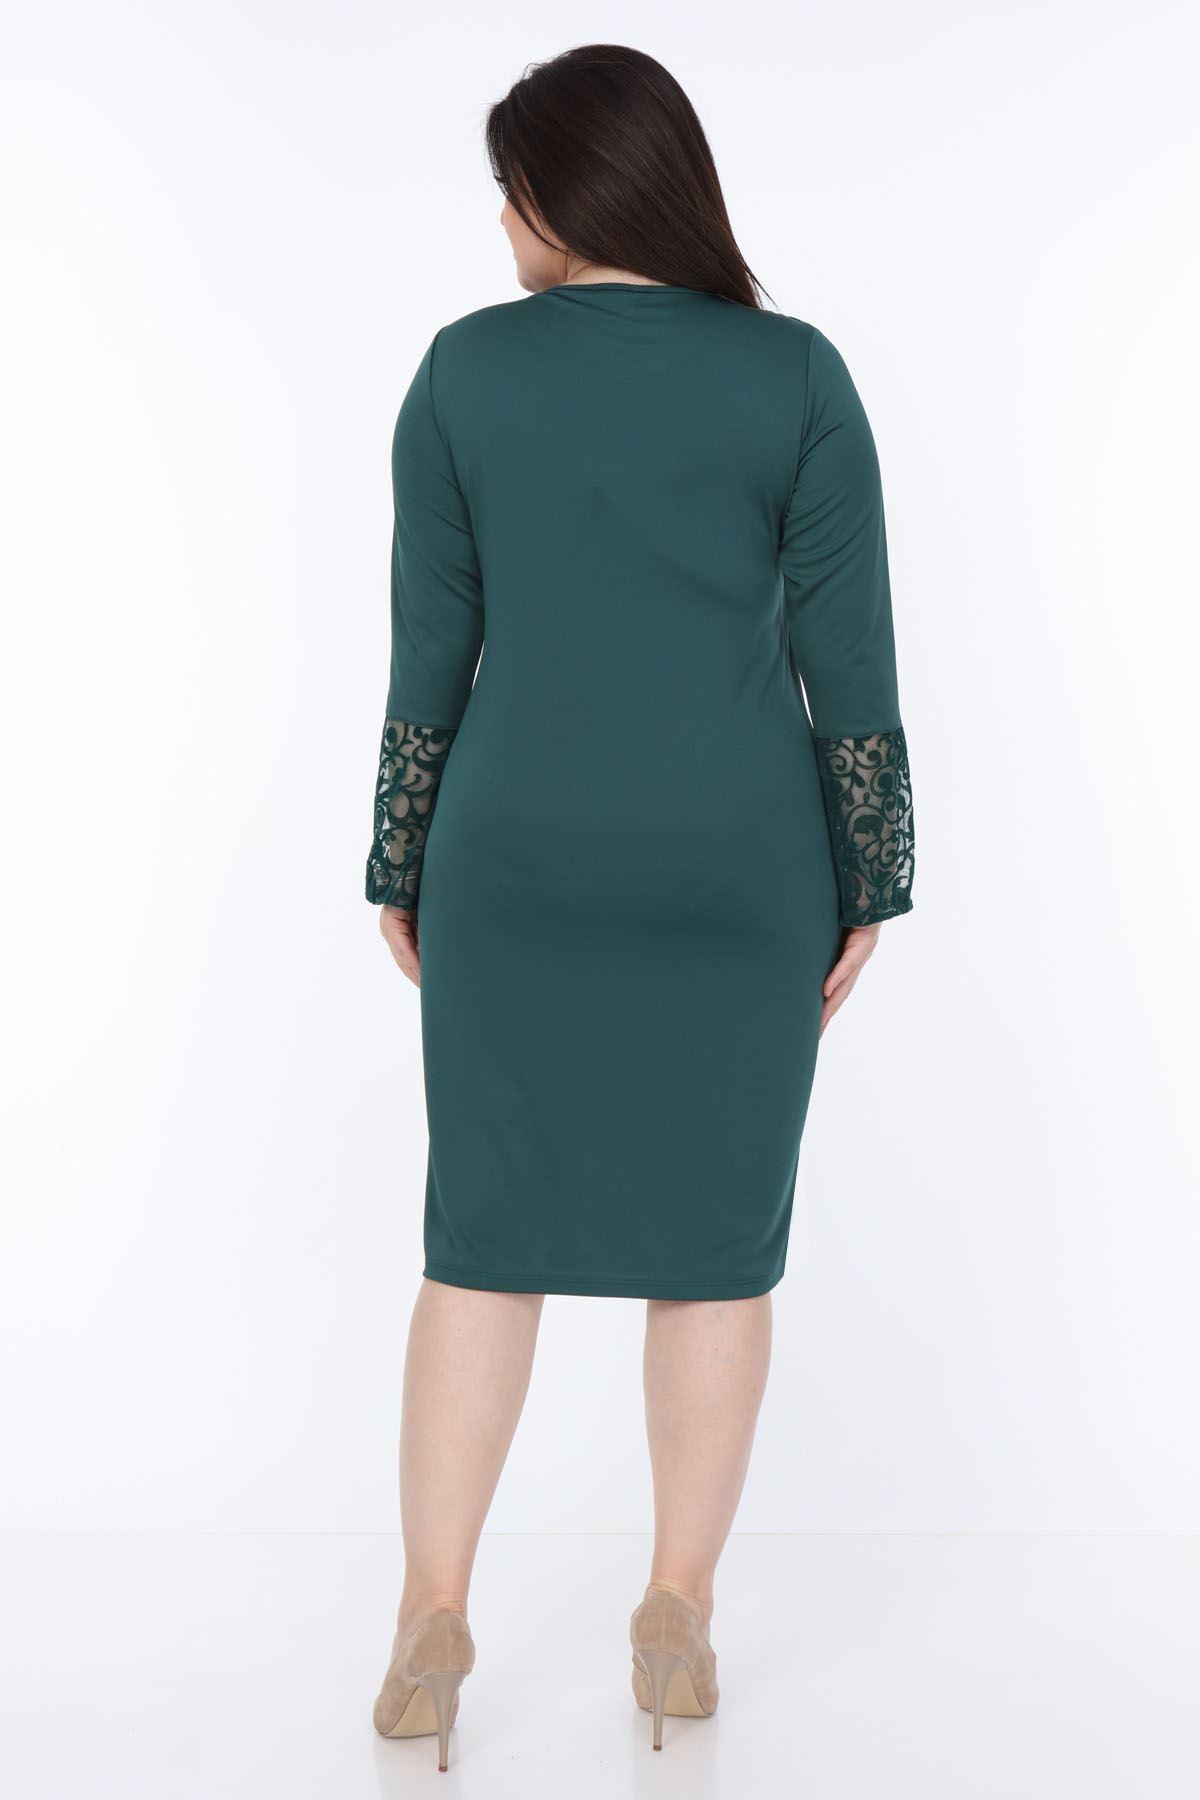 Yeşil İspanyol Kol Büyük Beden Elbise 30Y-1050